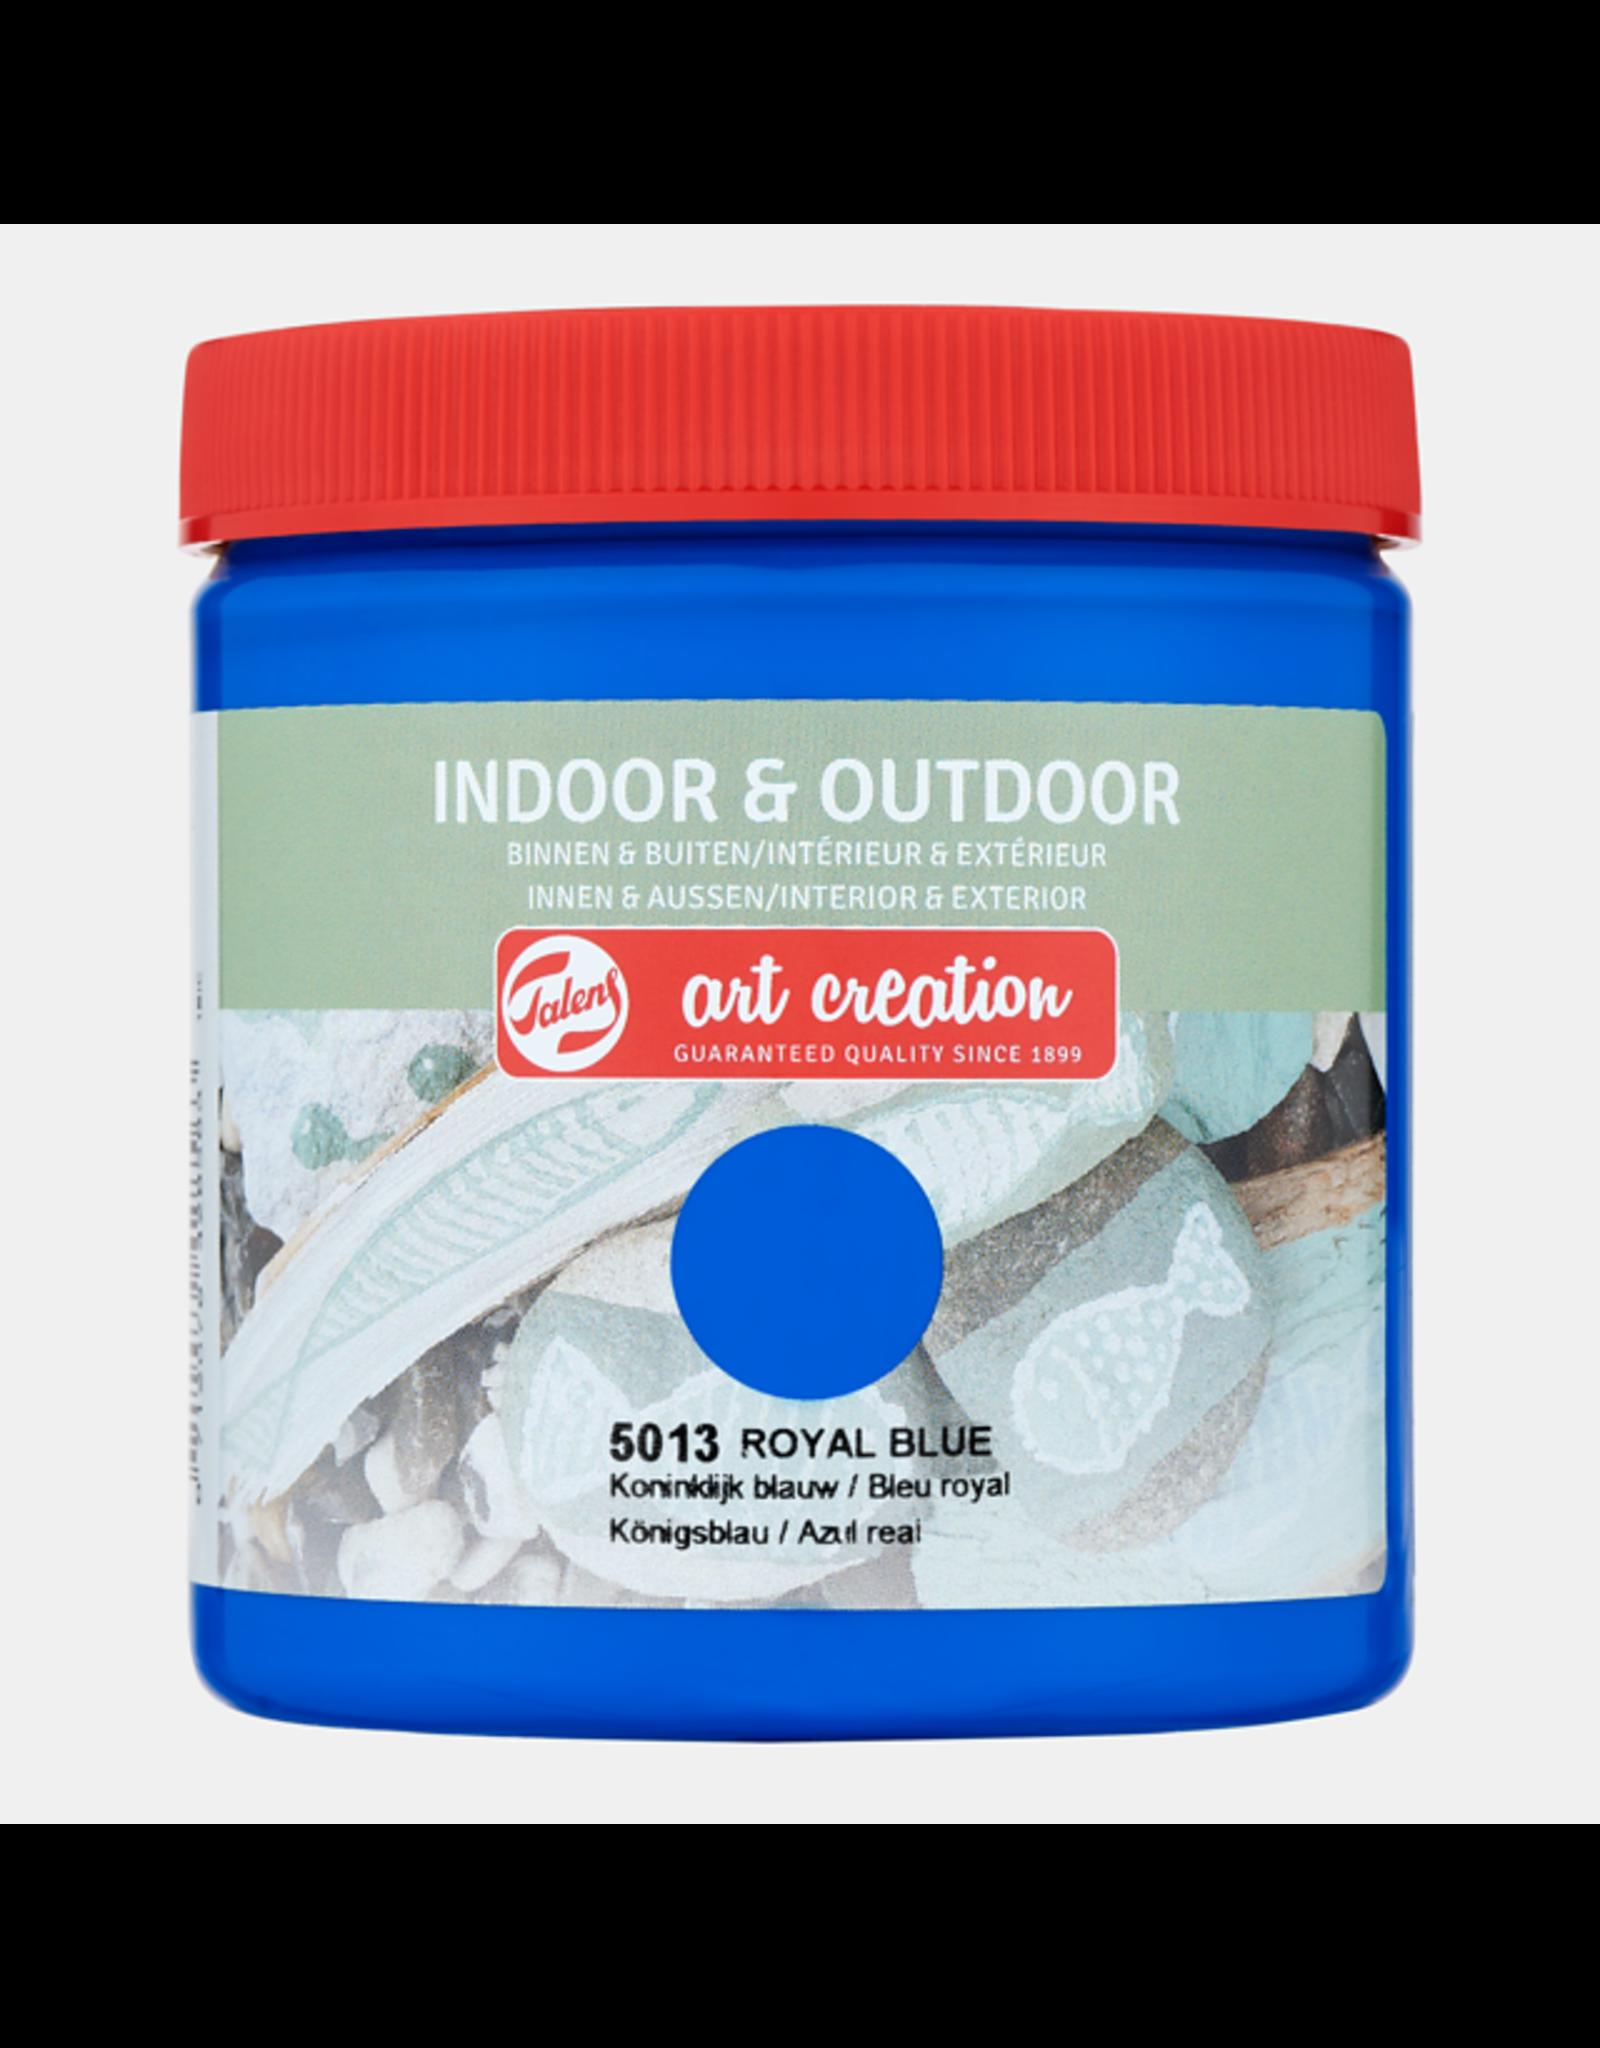 Art creation Koninklijk blauw - Indoor & Outdoor - 250 ml